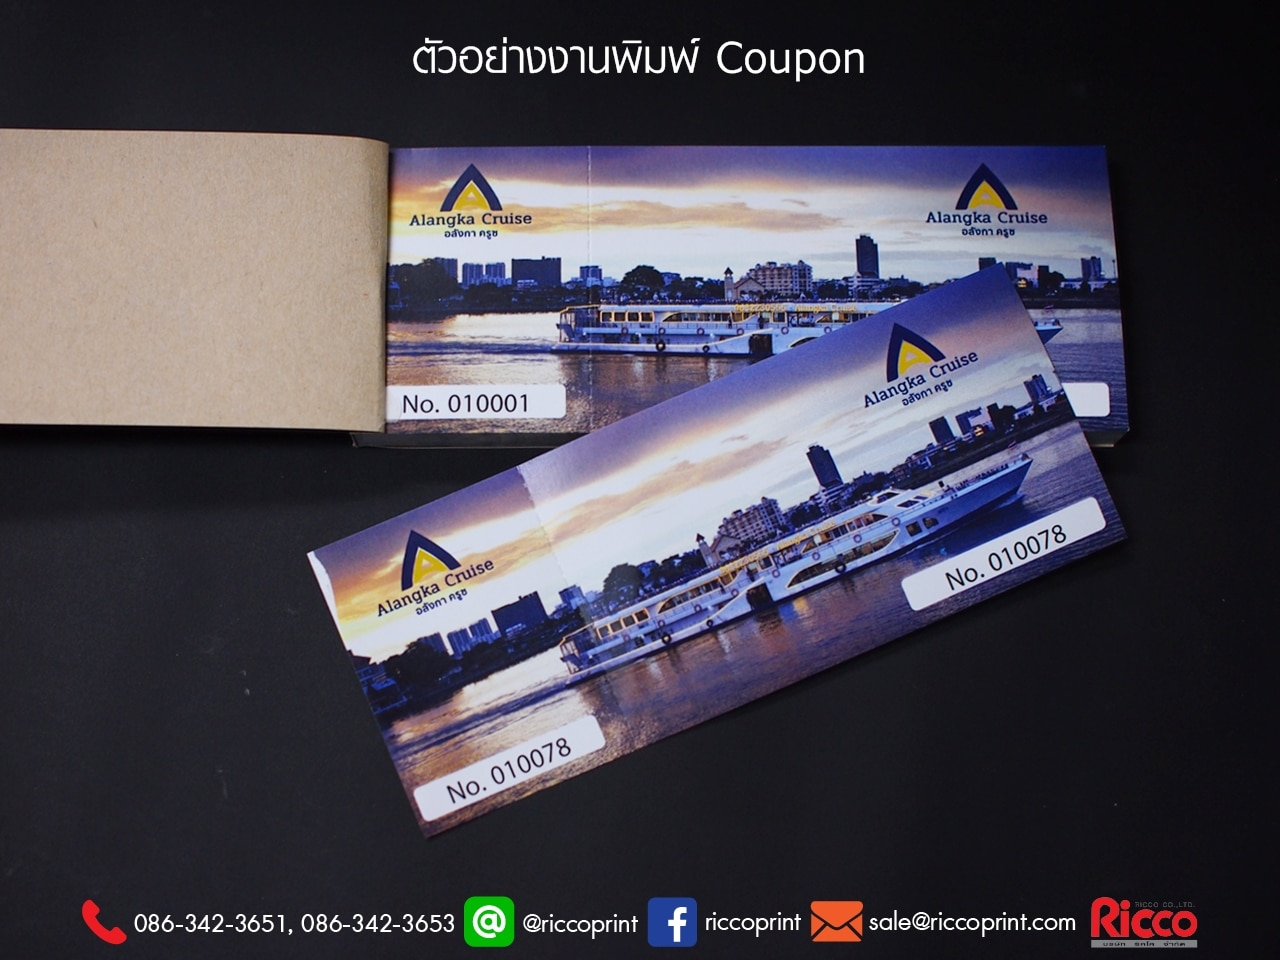 รูป Coupon Gift Voucher 2020 AlangkaCruise6 - ประกอบเนื้อหา คูปอง บัตรกำนัล ตั๋ว